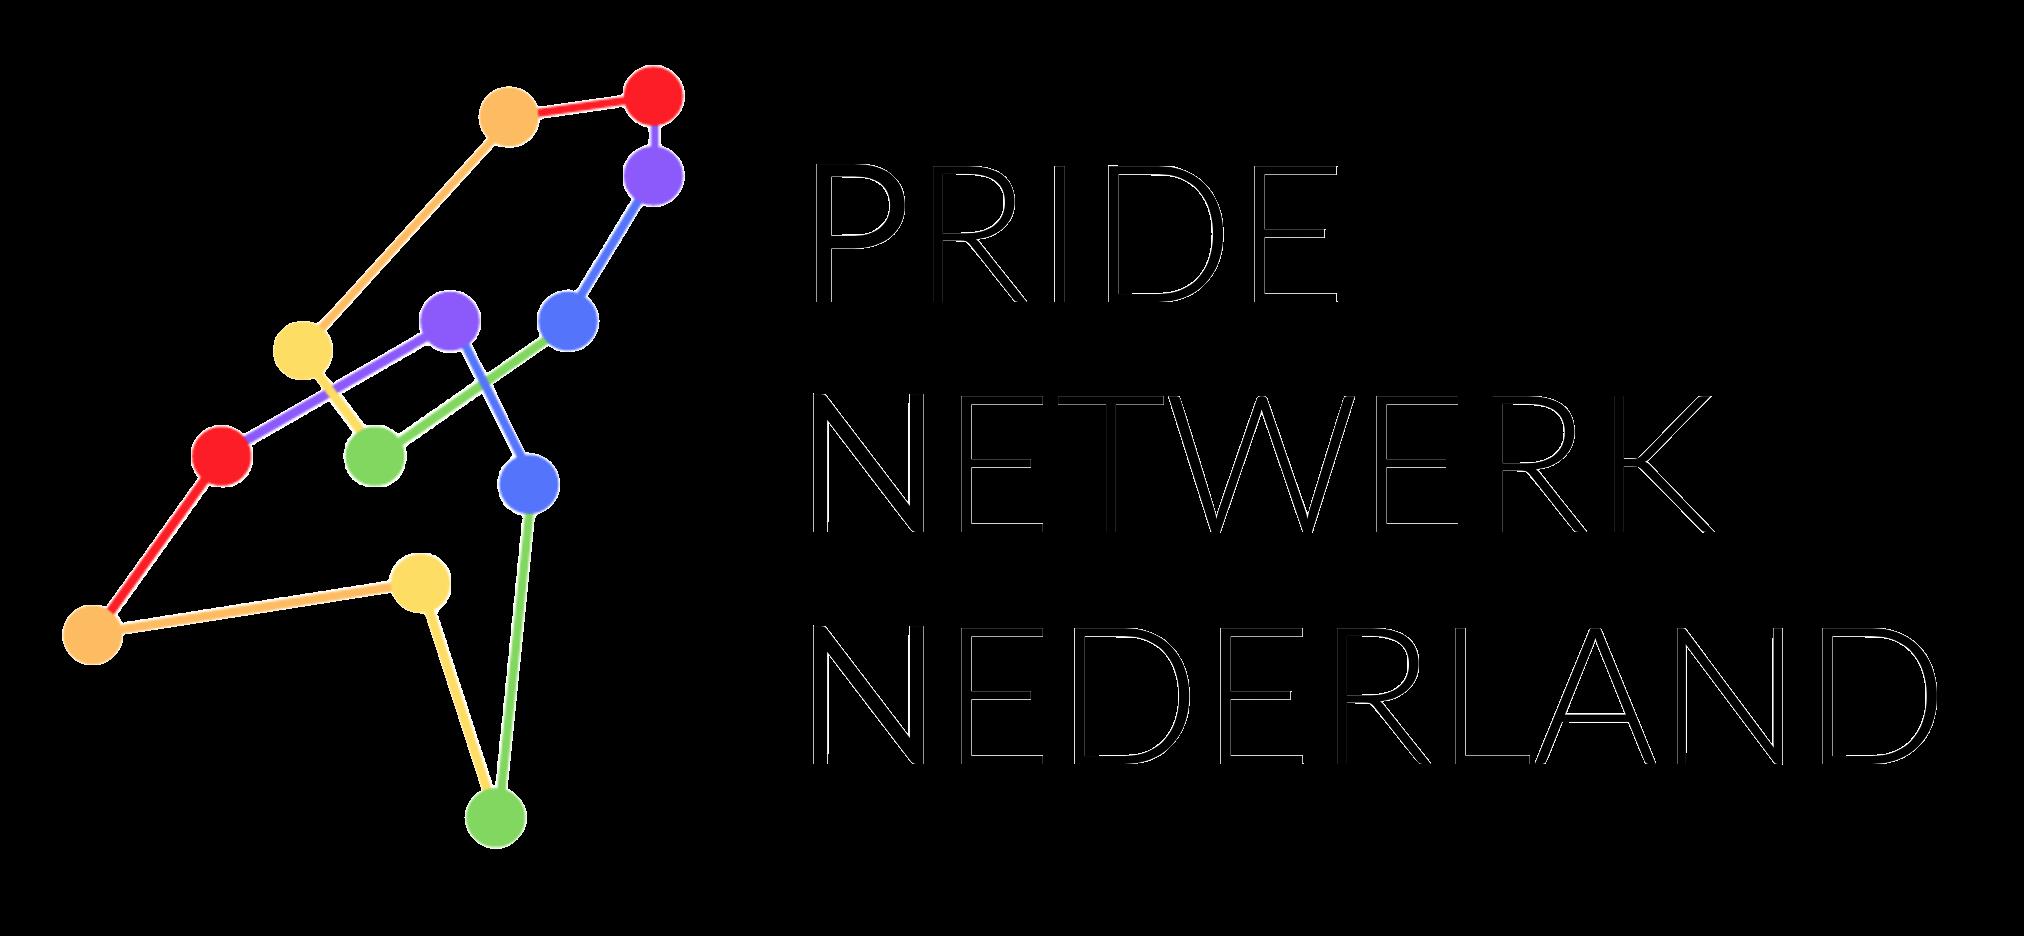 Pride Netwerk Nederland